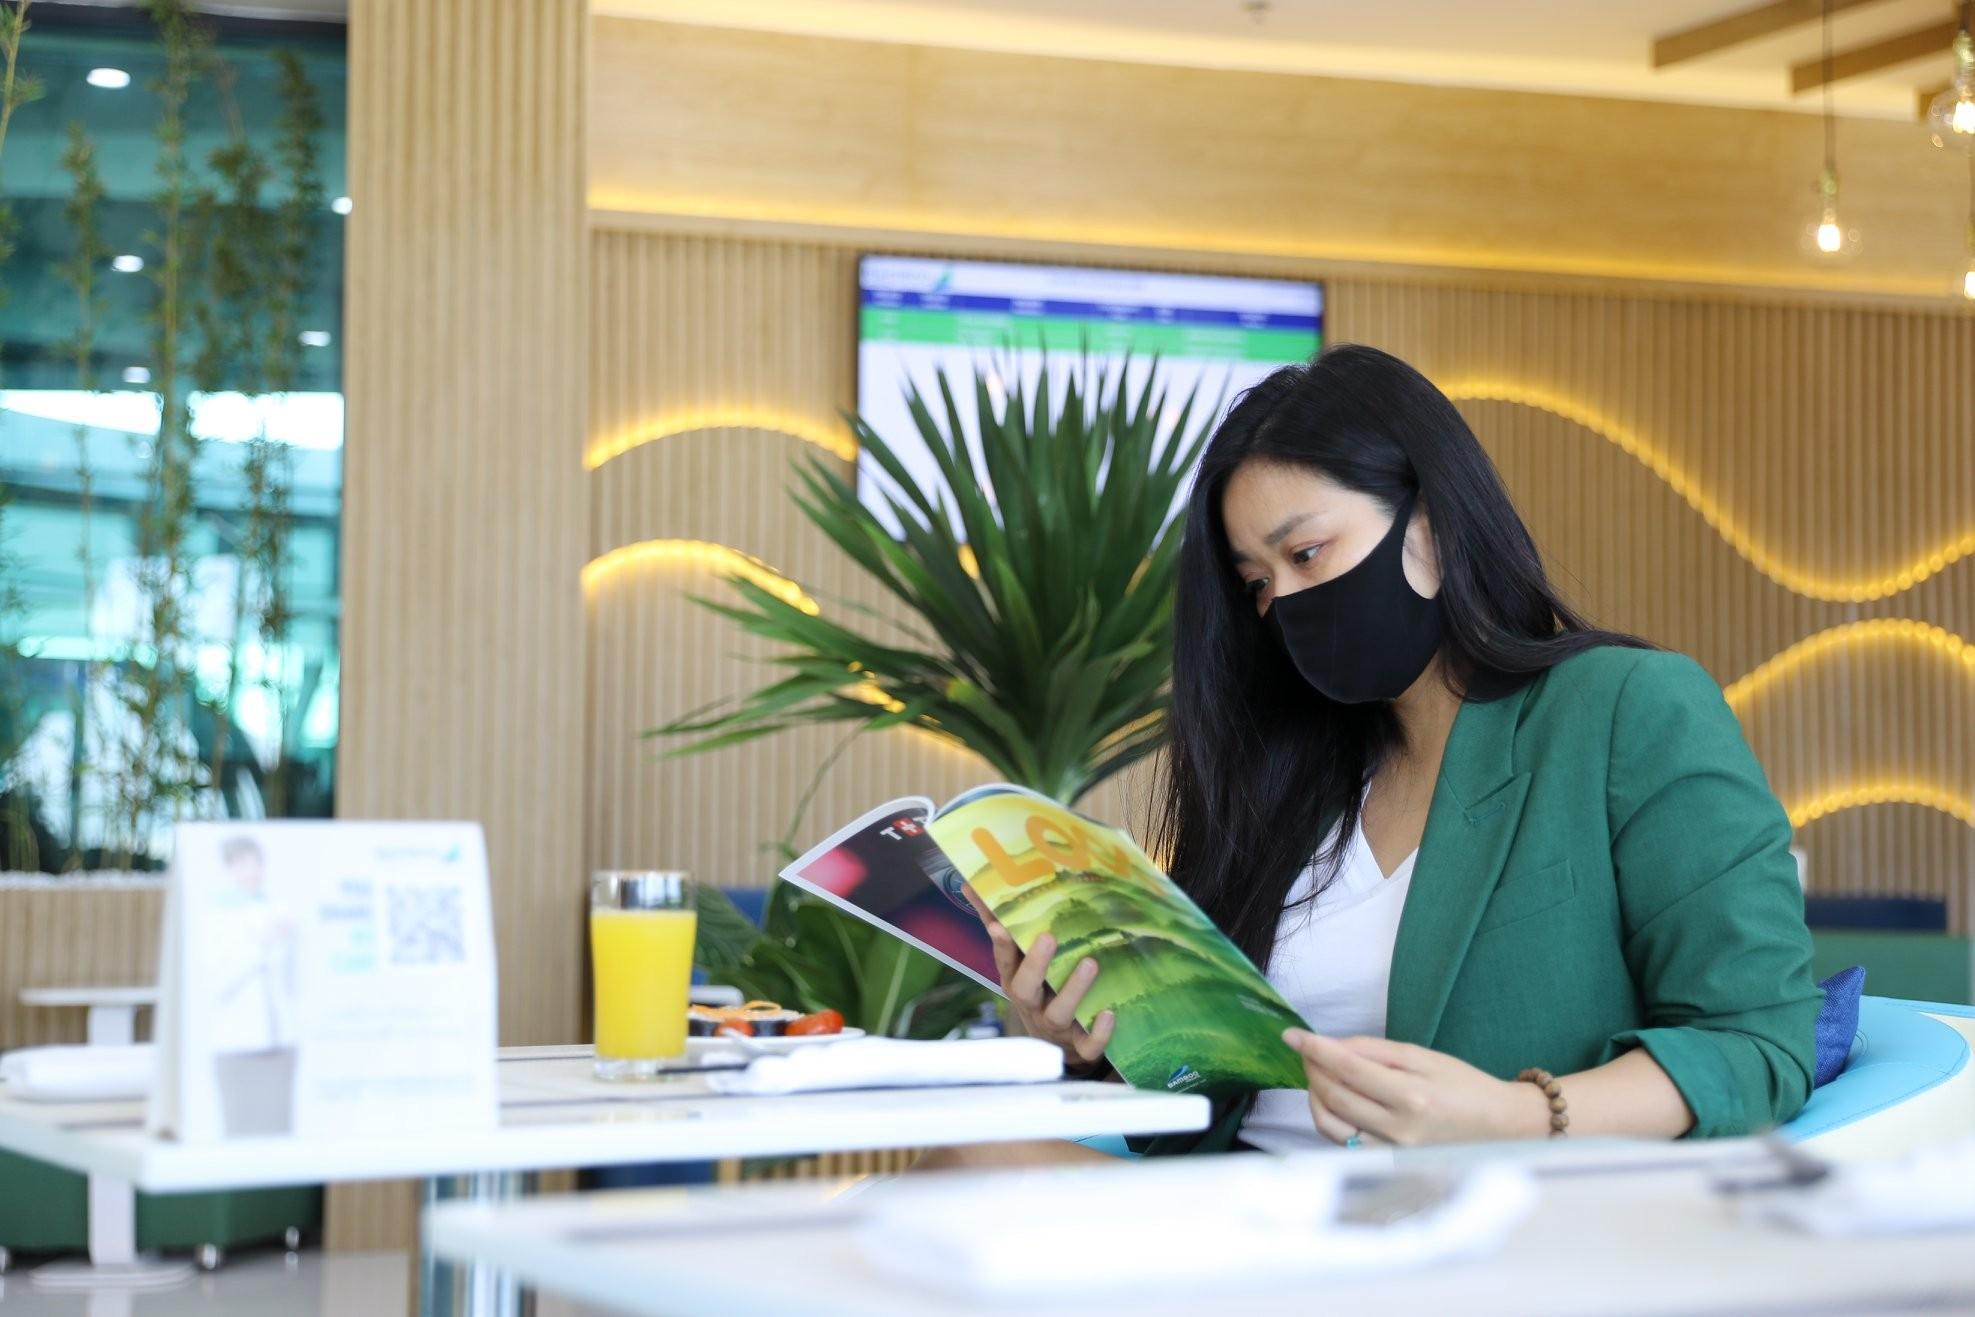 Bamboo Airways và dấu ấn đậm nét của nhà đầu tư đồng bộ bền vững tại Quy Nhơn